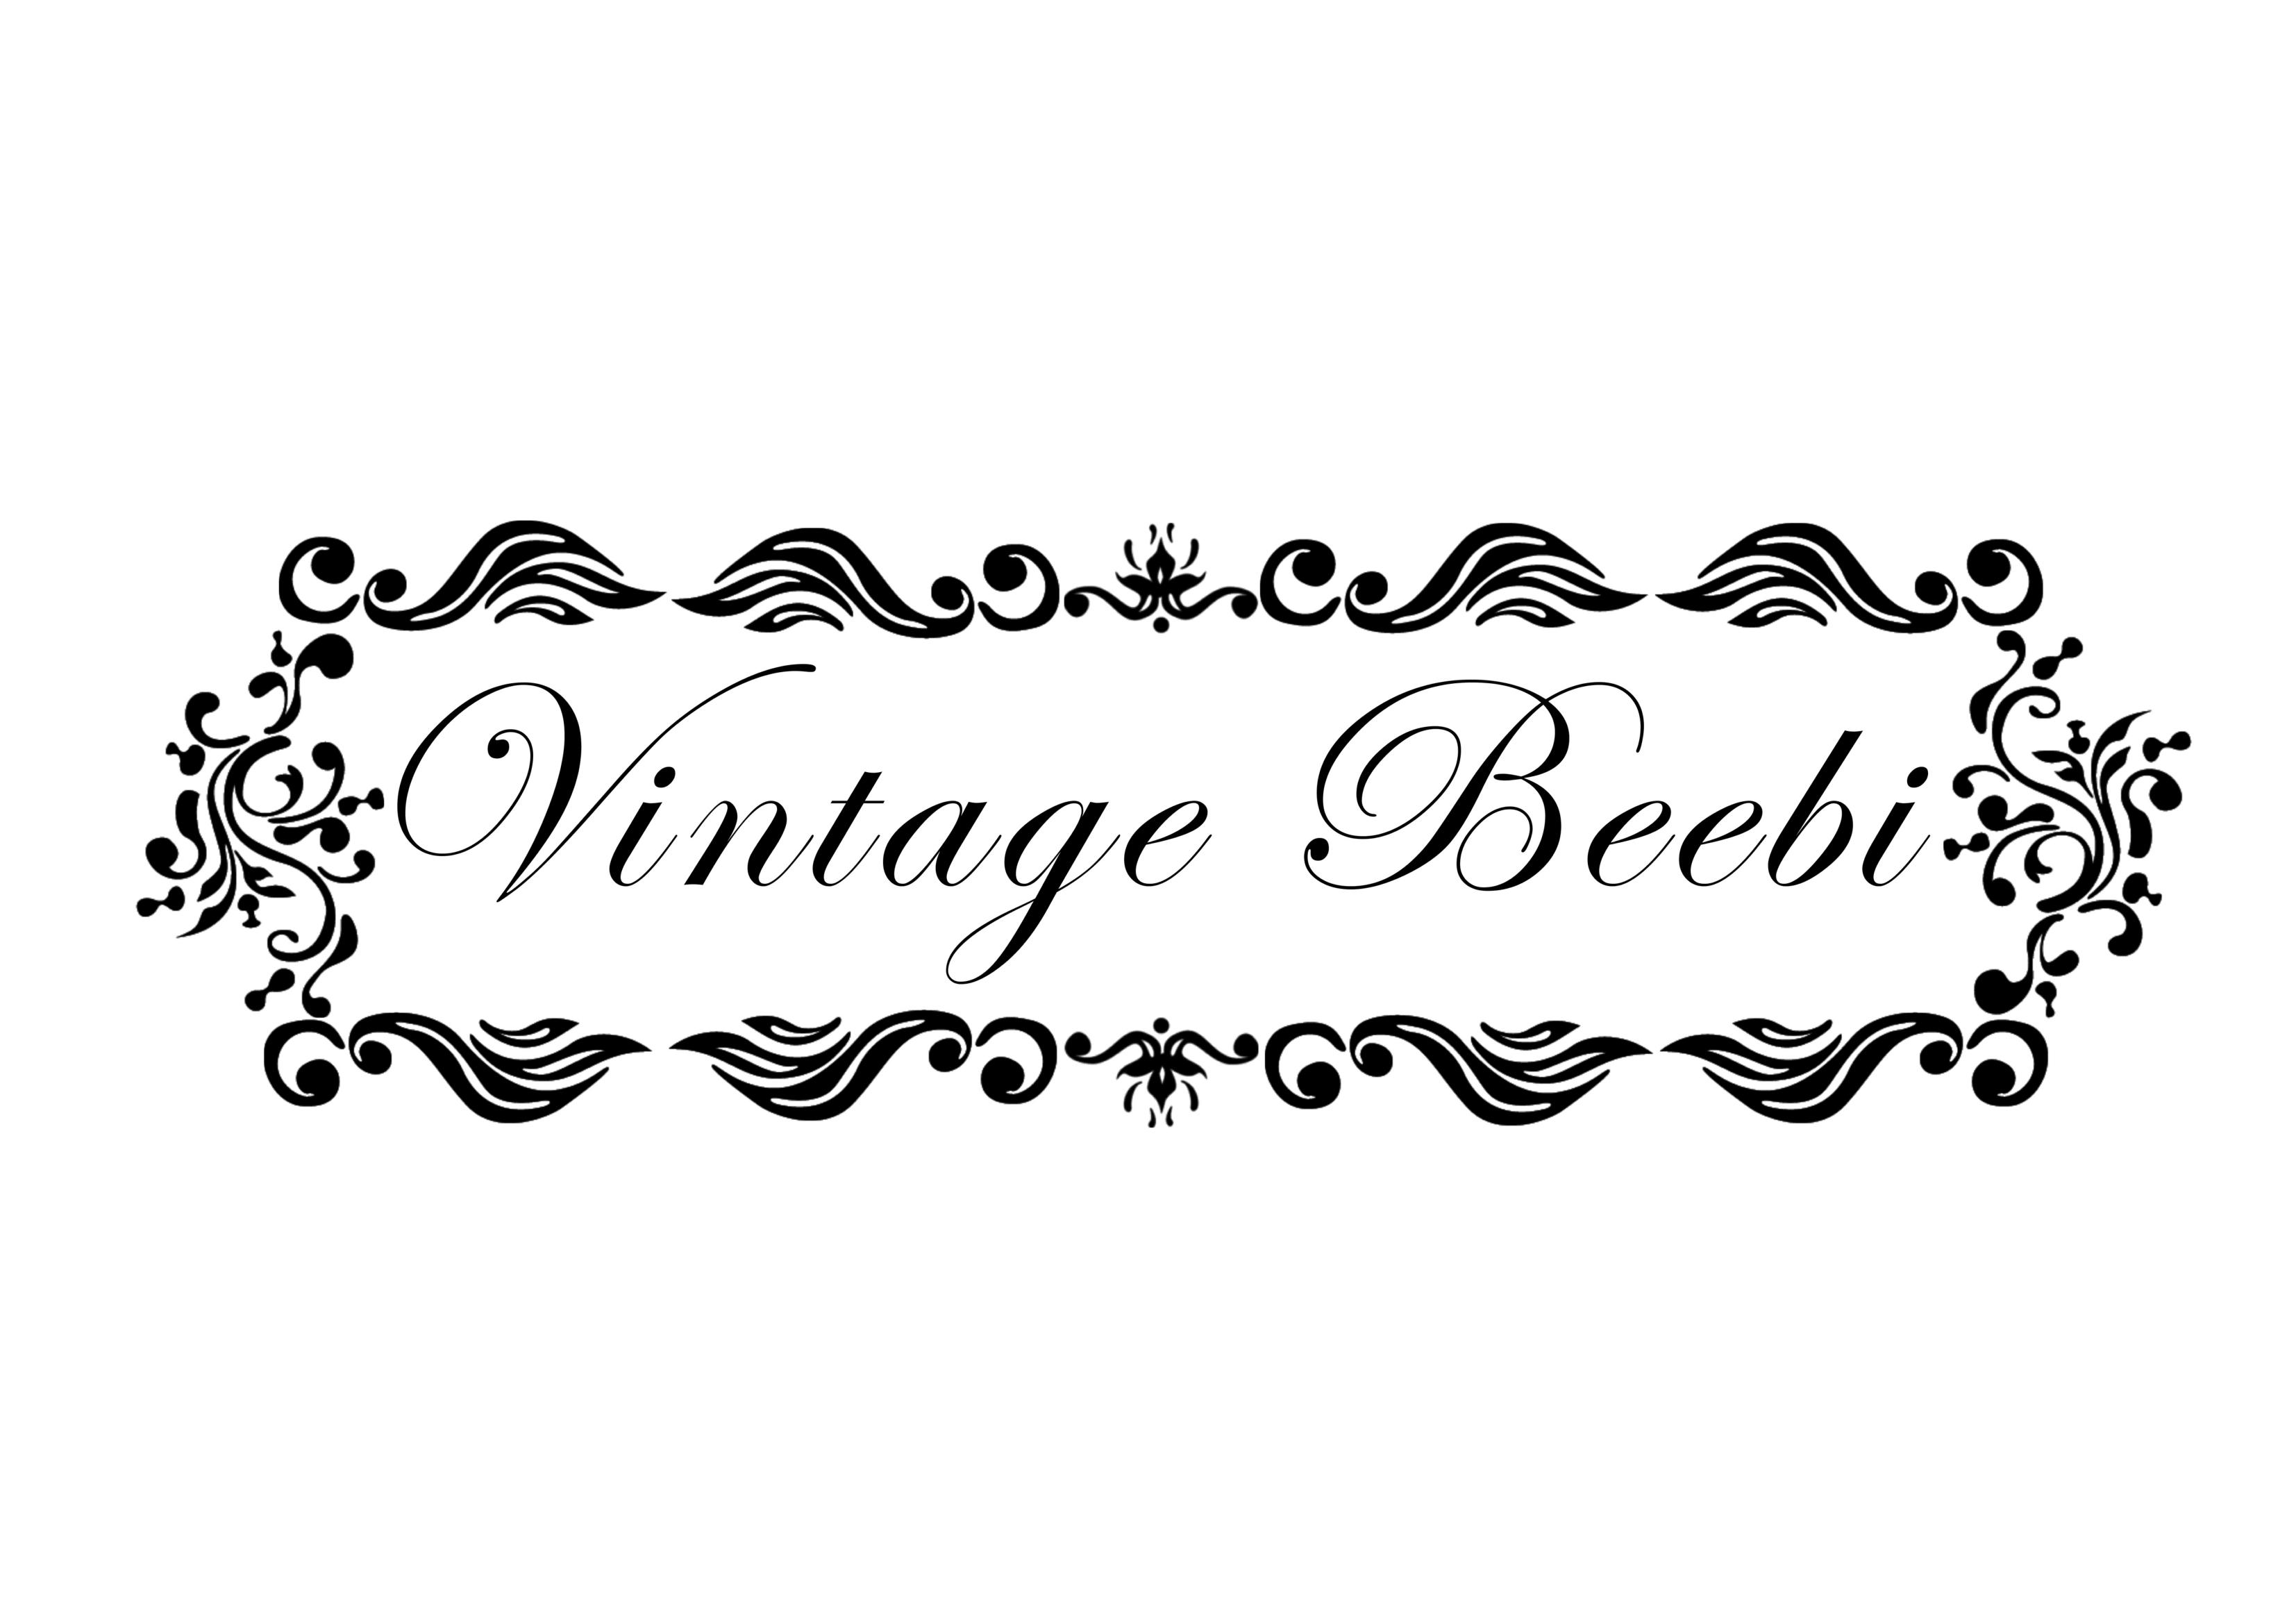 Vintage Beebi